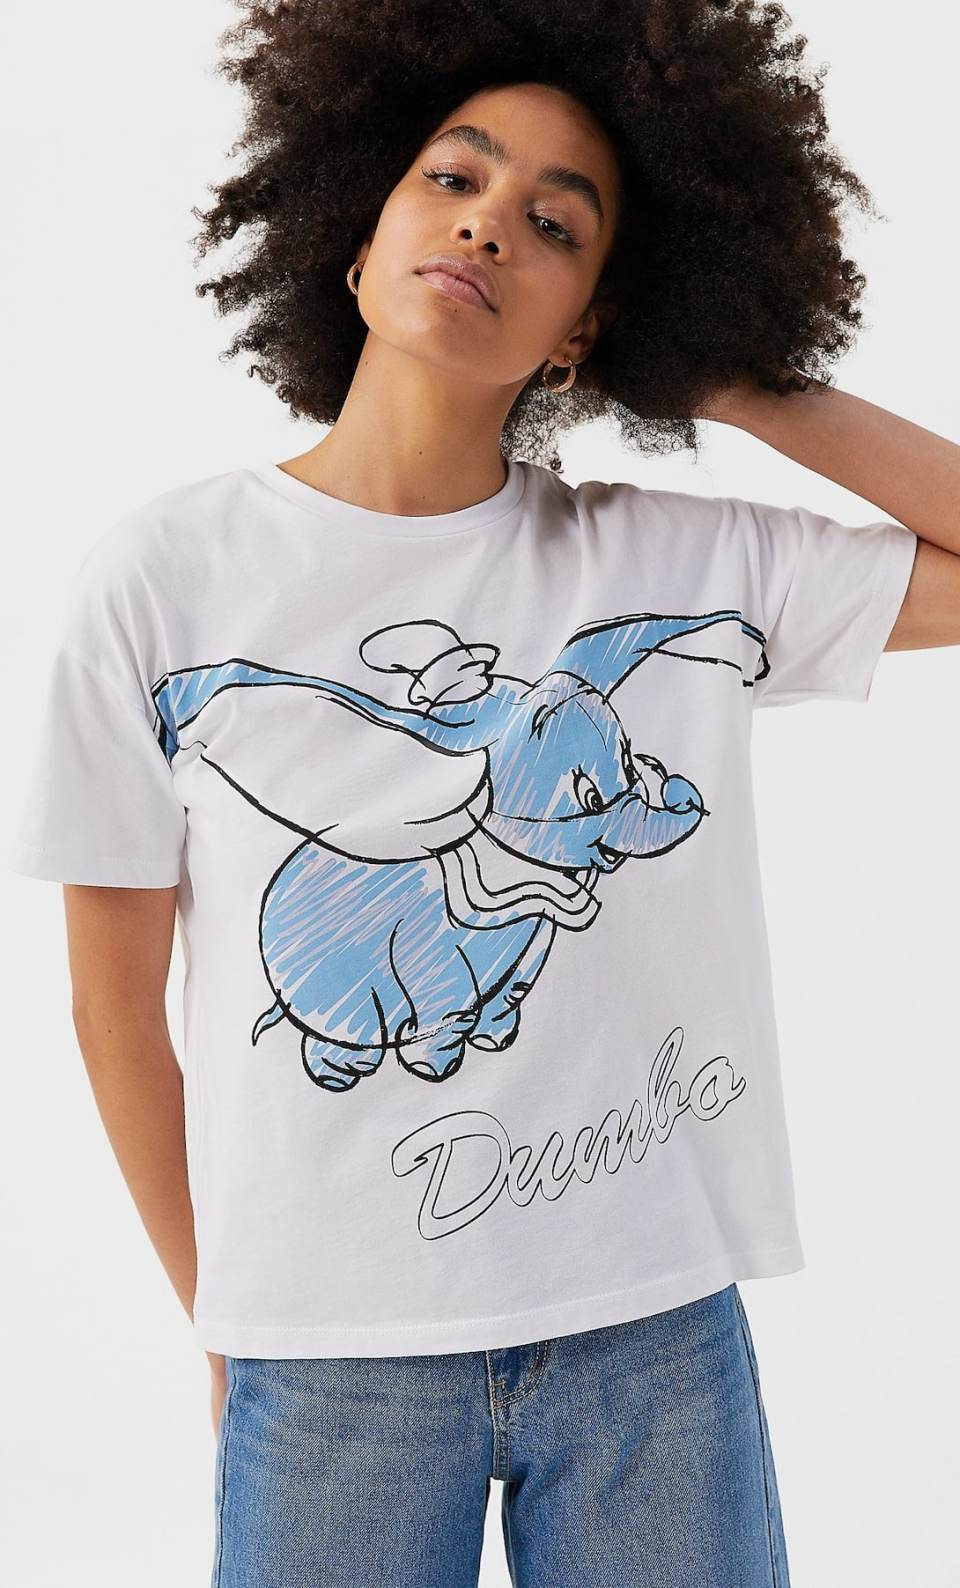 t-shirt dumbo